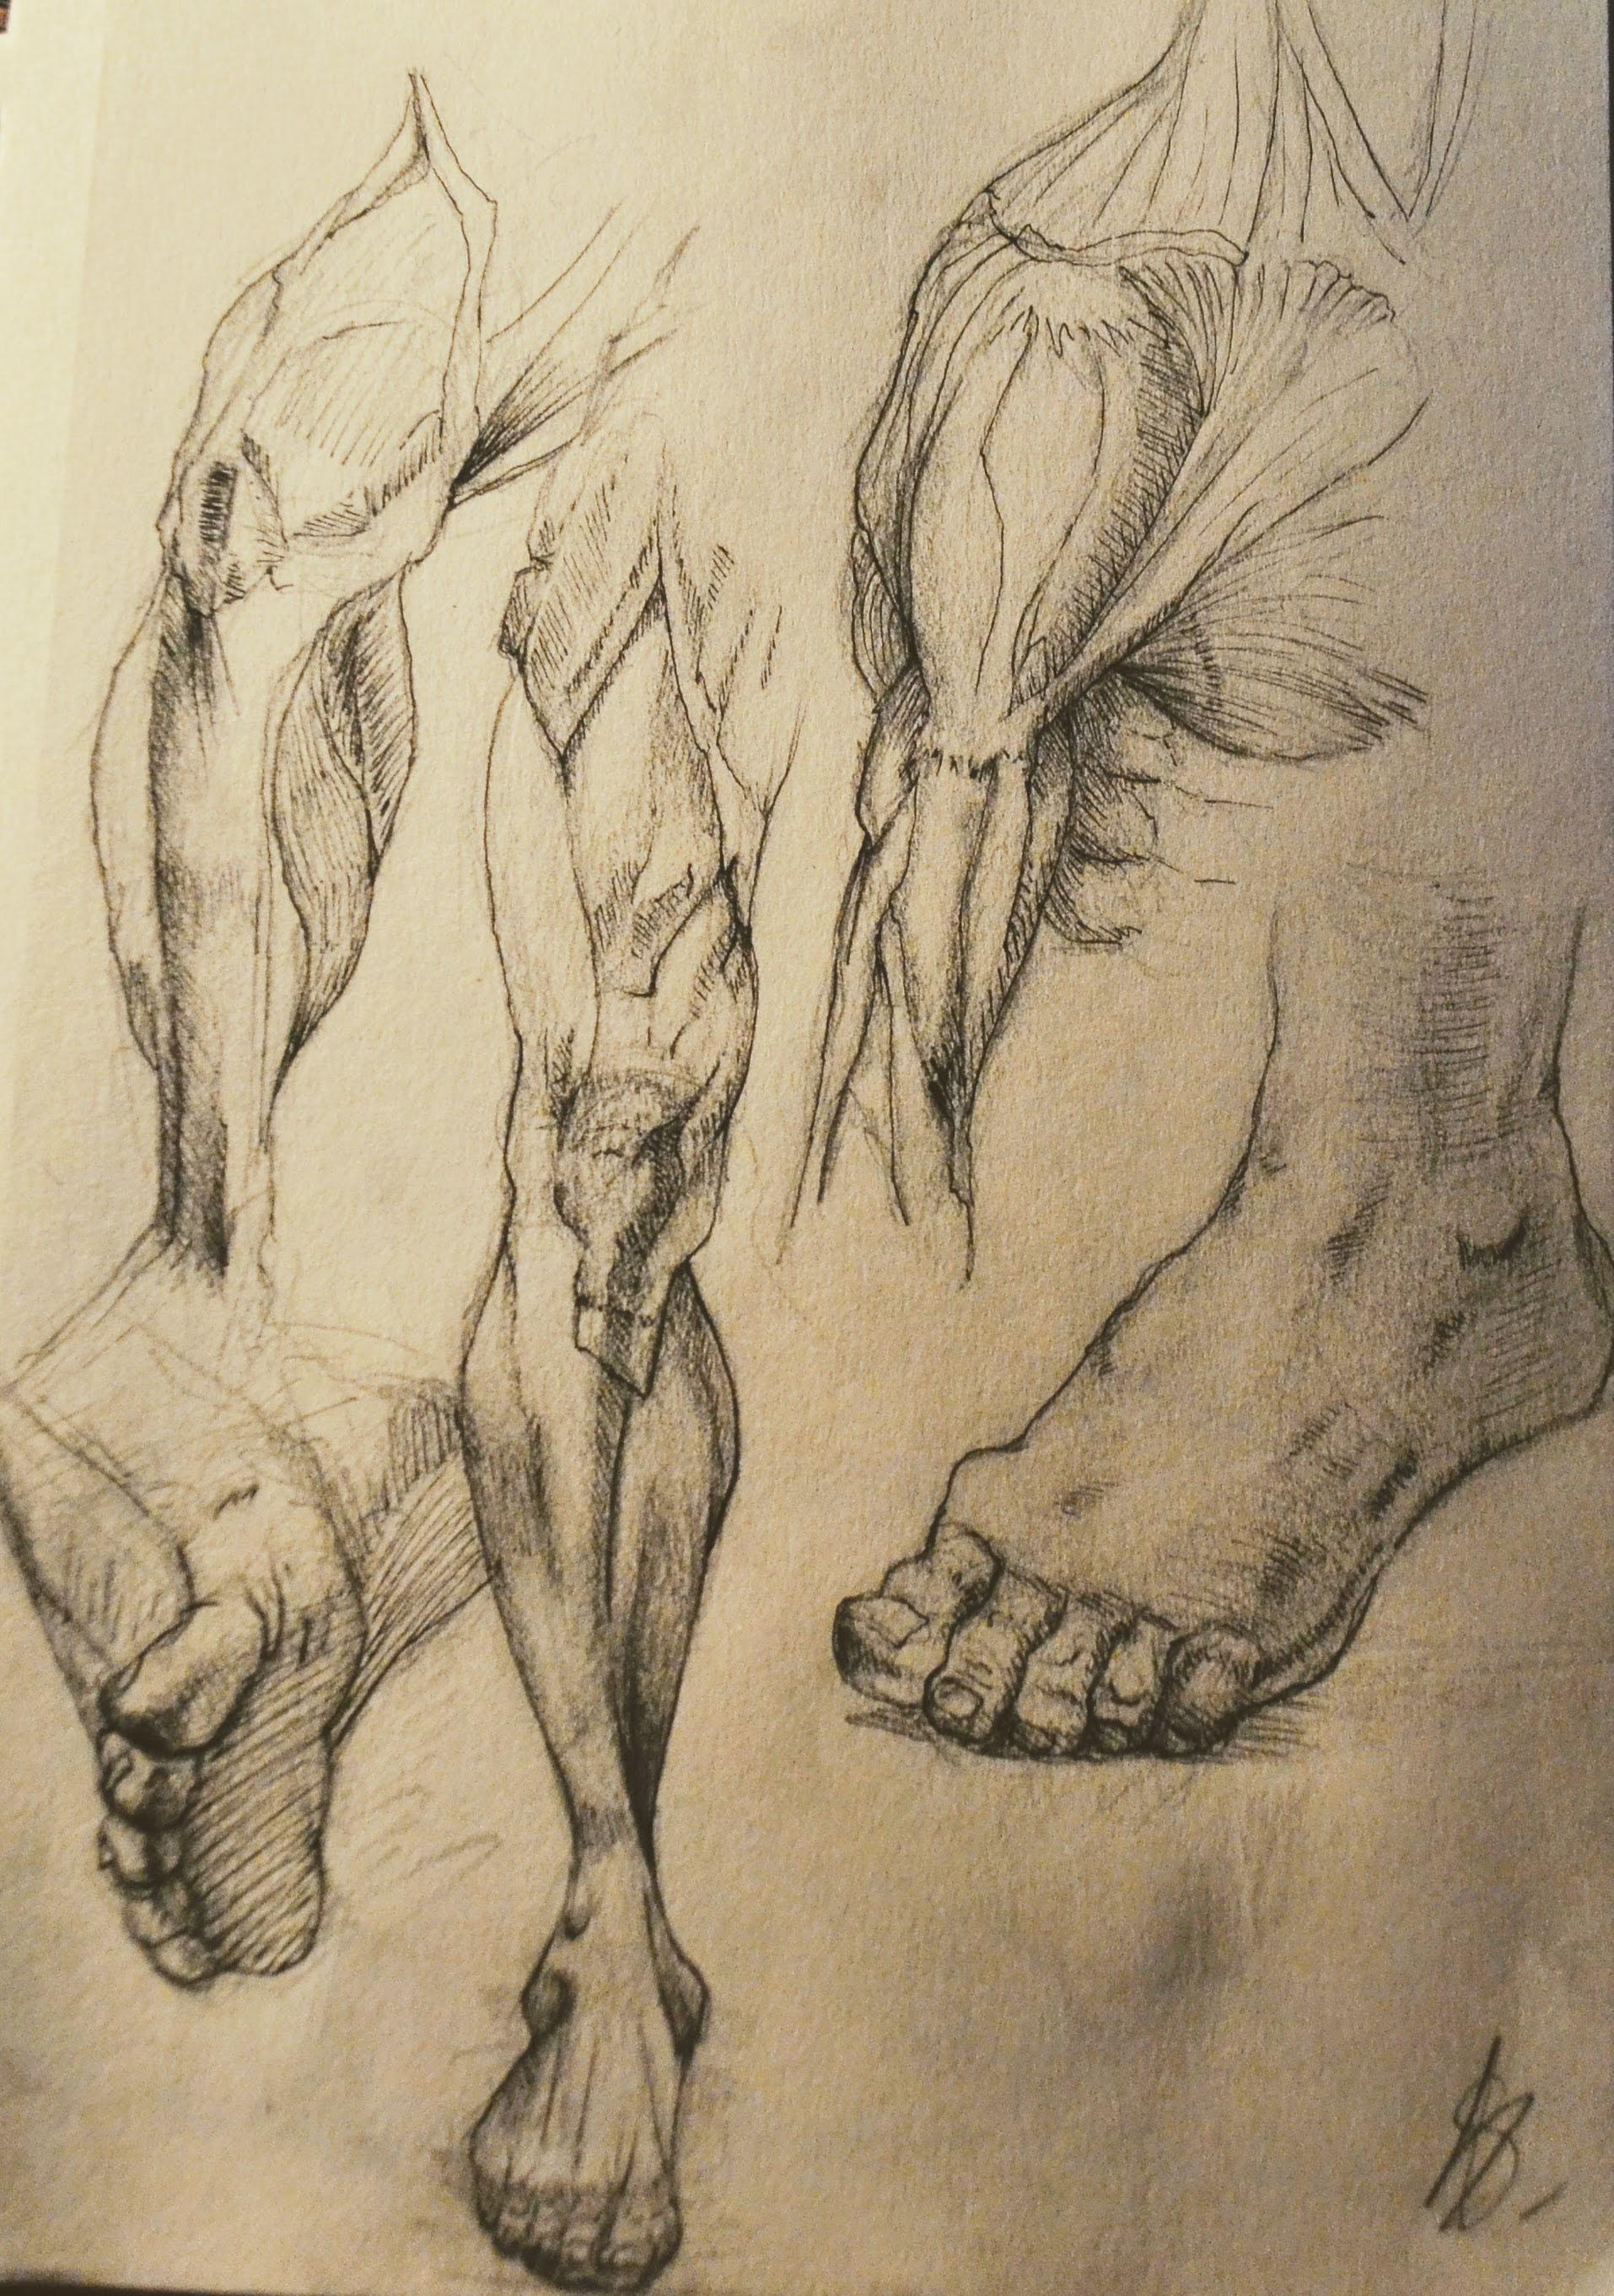 Sky Neko Feet Leg Shoulder Upper Arm Anatomy Studies Da Vinci